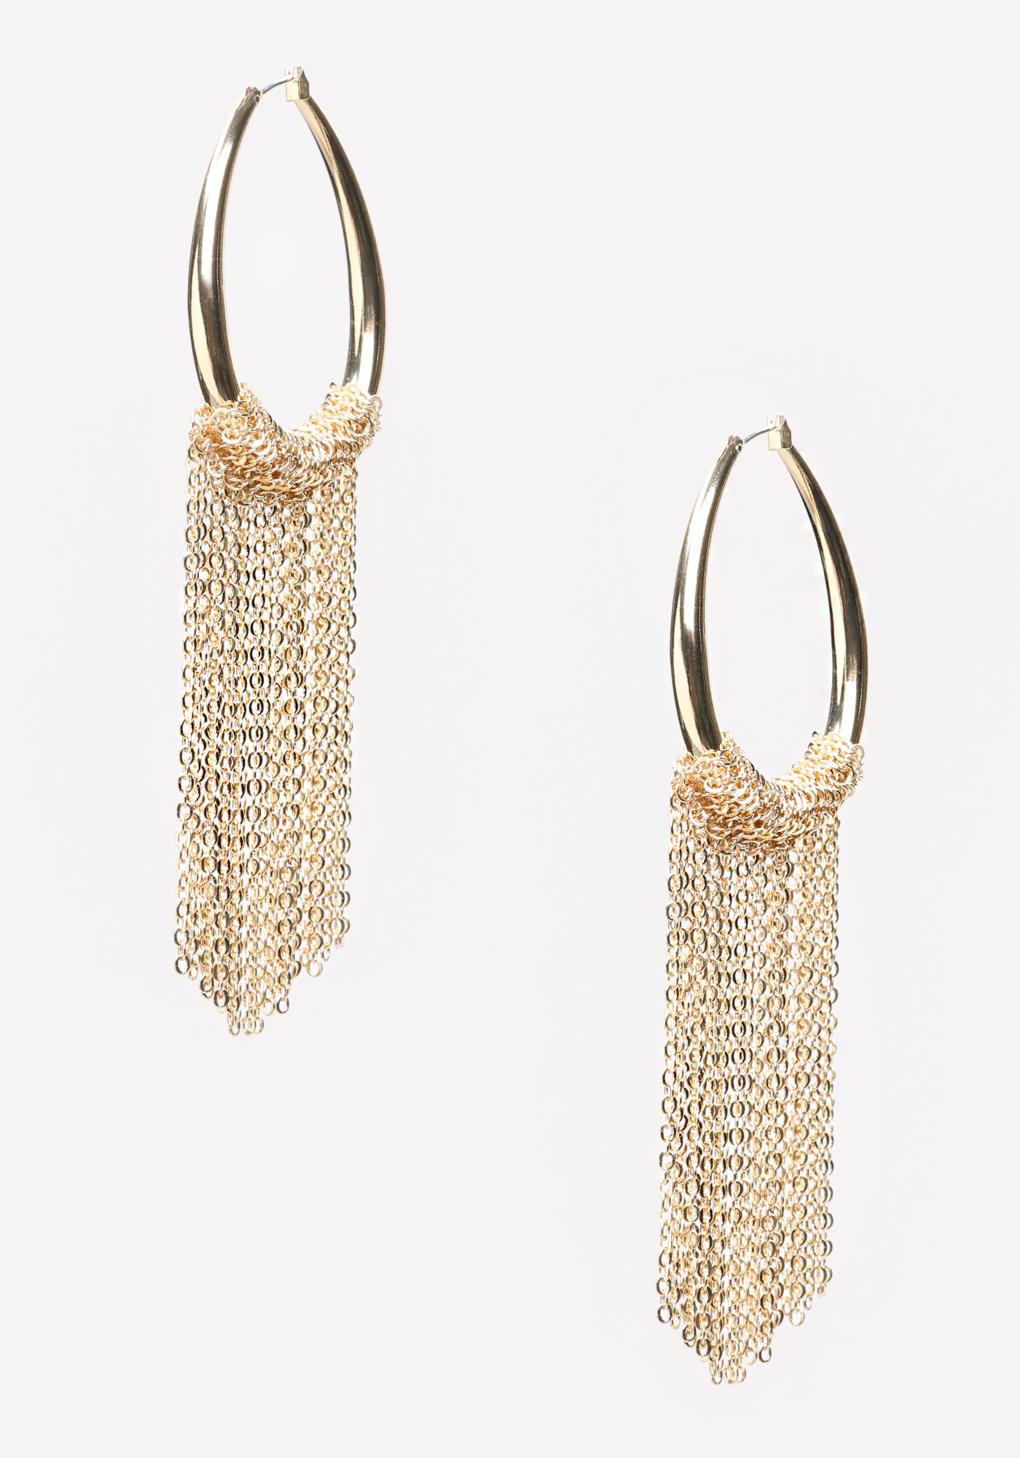 921e0a849 Bebe Chain Fringe Hoop Earrings in Metallic - Lyst